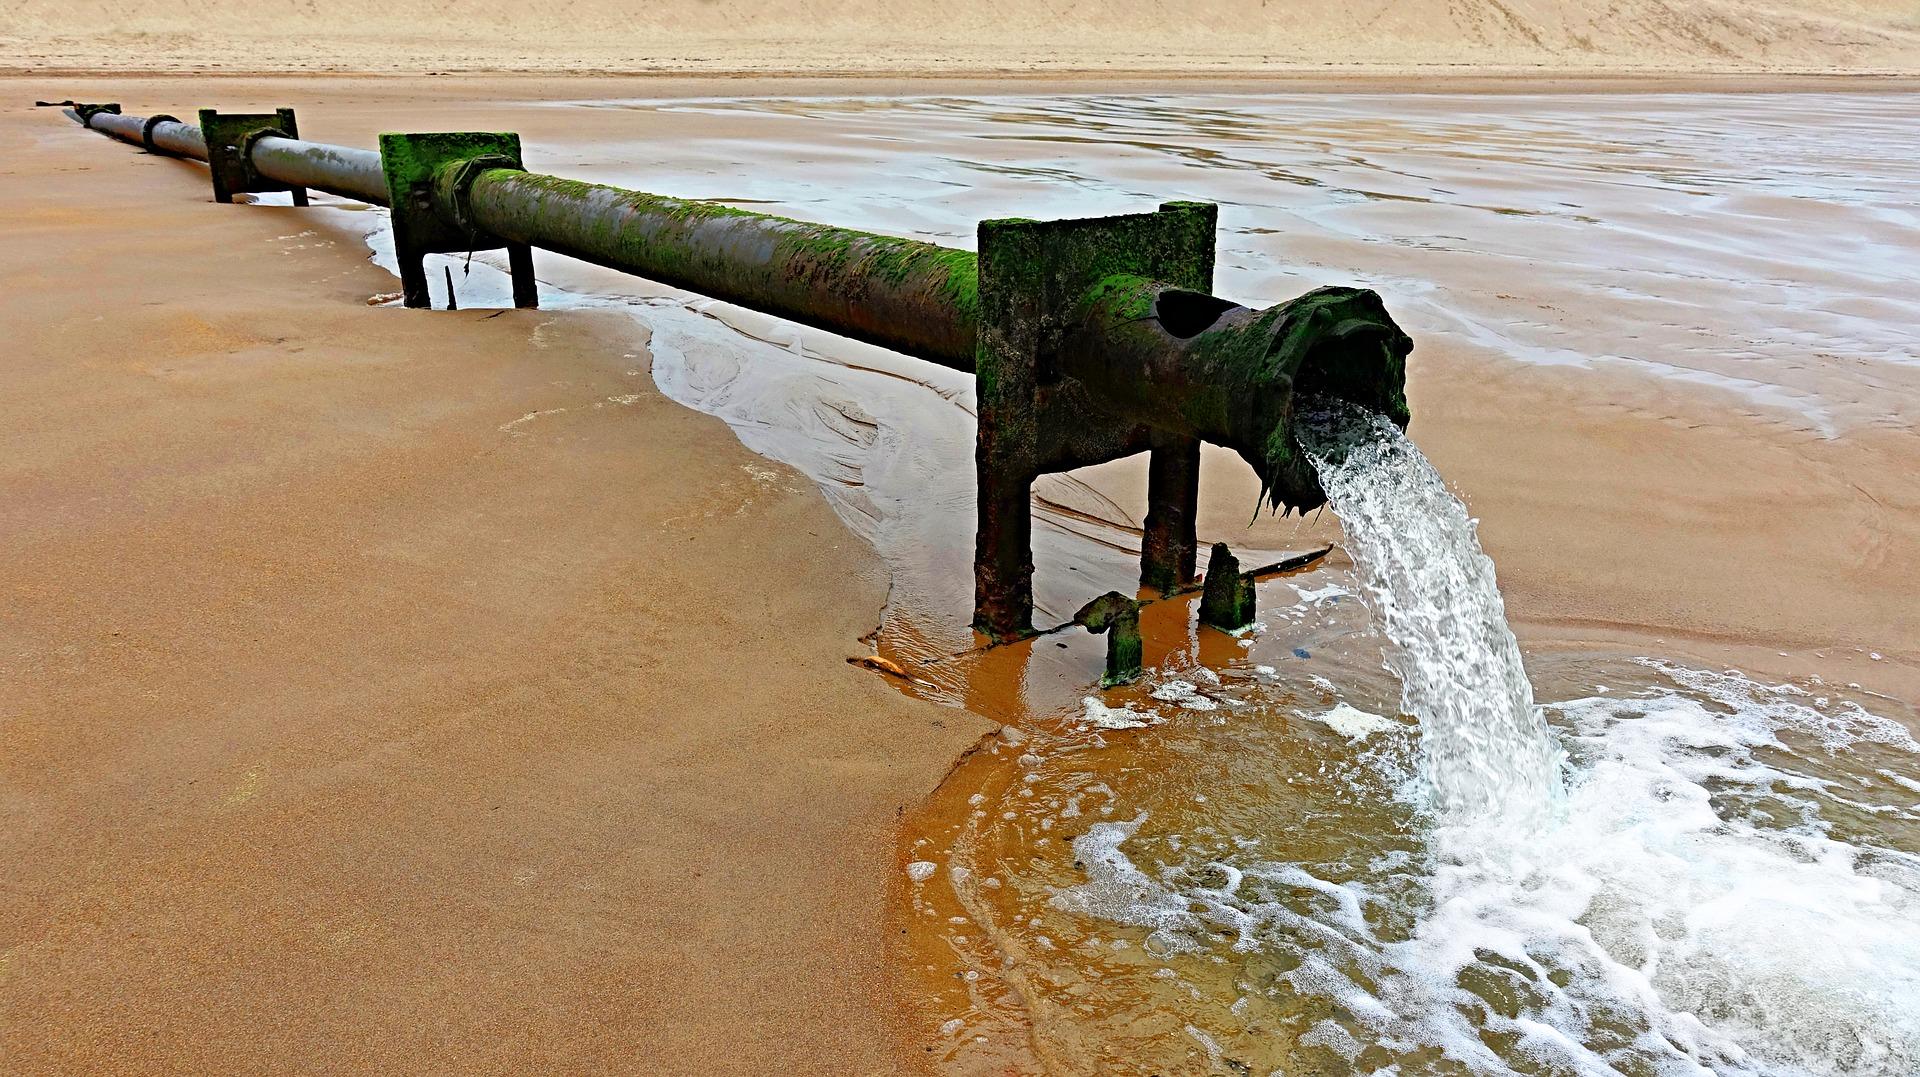 Cómo las aguas residuales se pueden transformar en hidrógeno y grafito